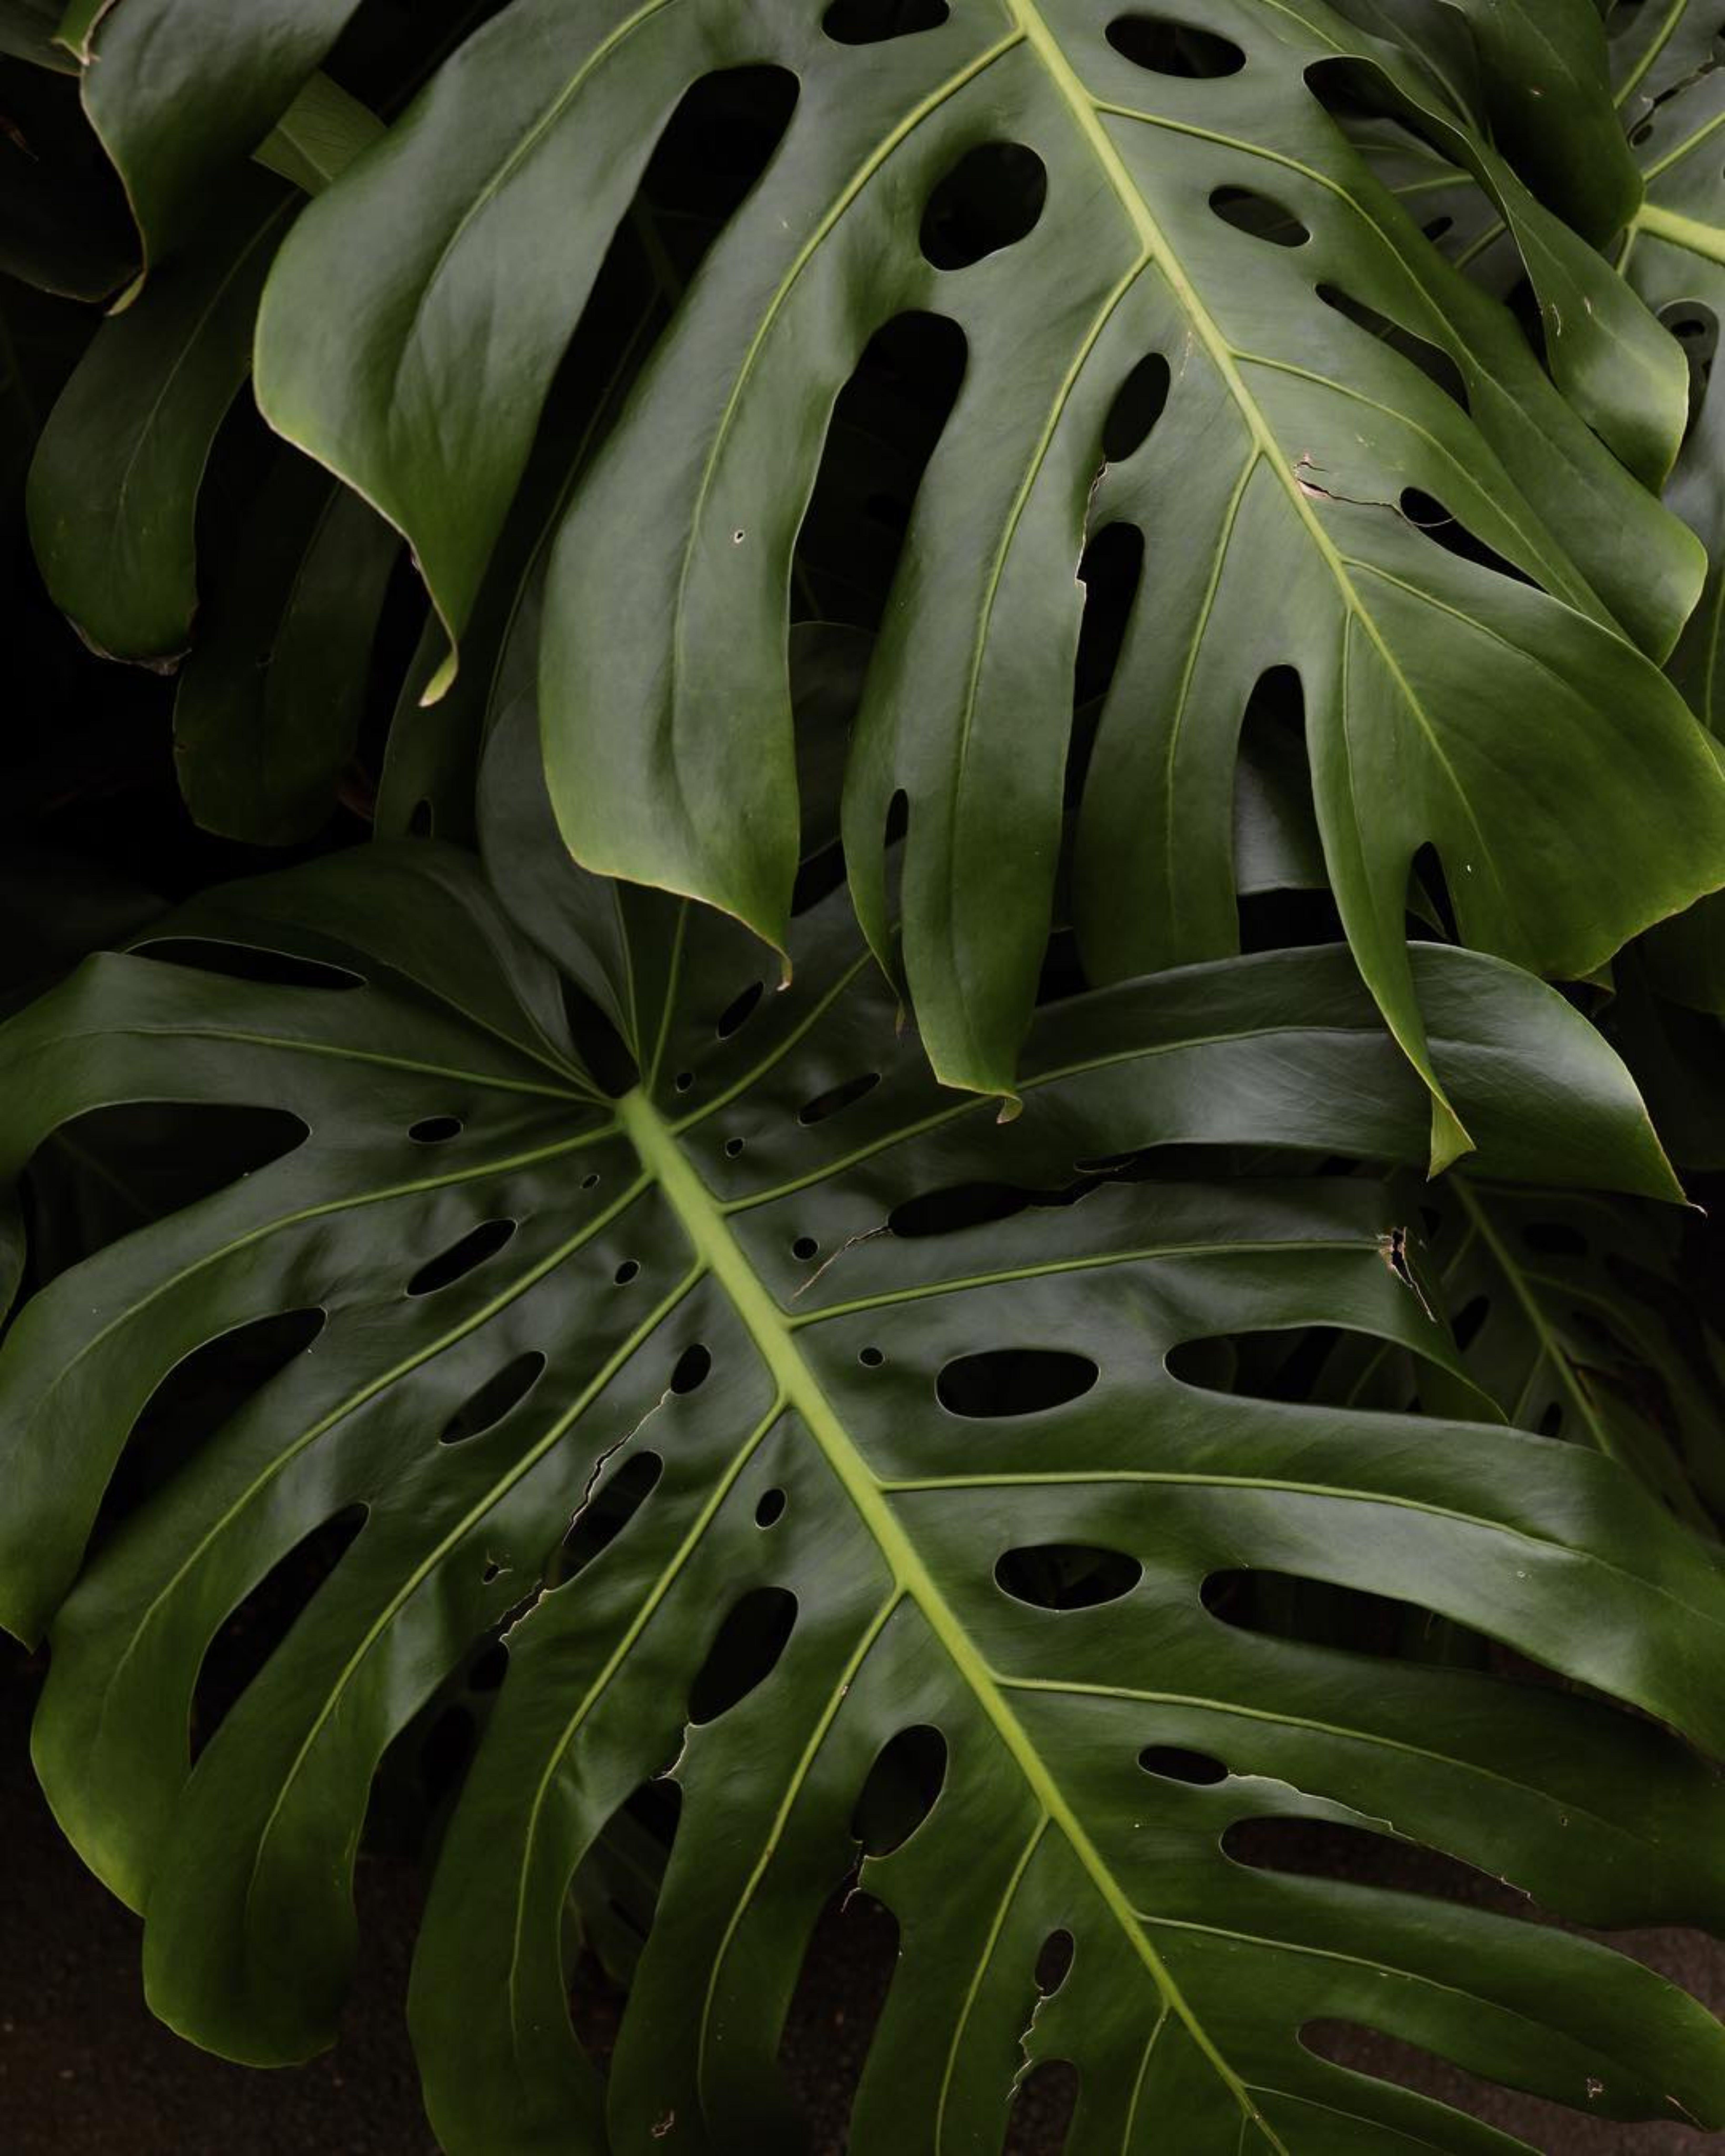 Ingyenes stockfotó beltéri növények, botanikus, friss, frissesség témában